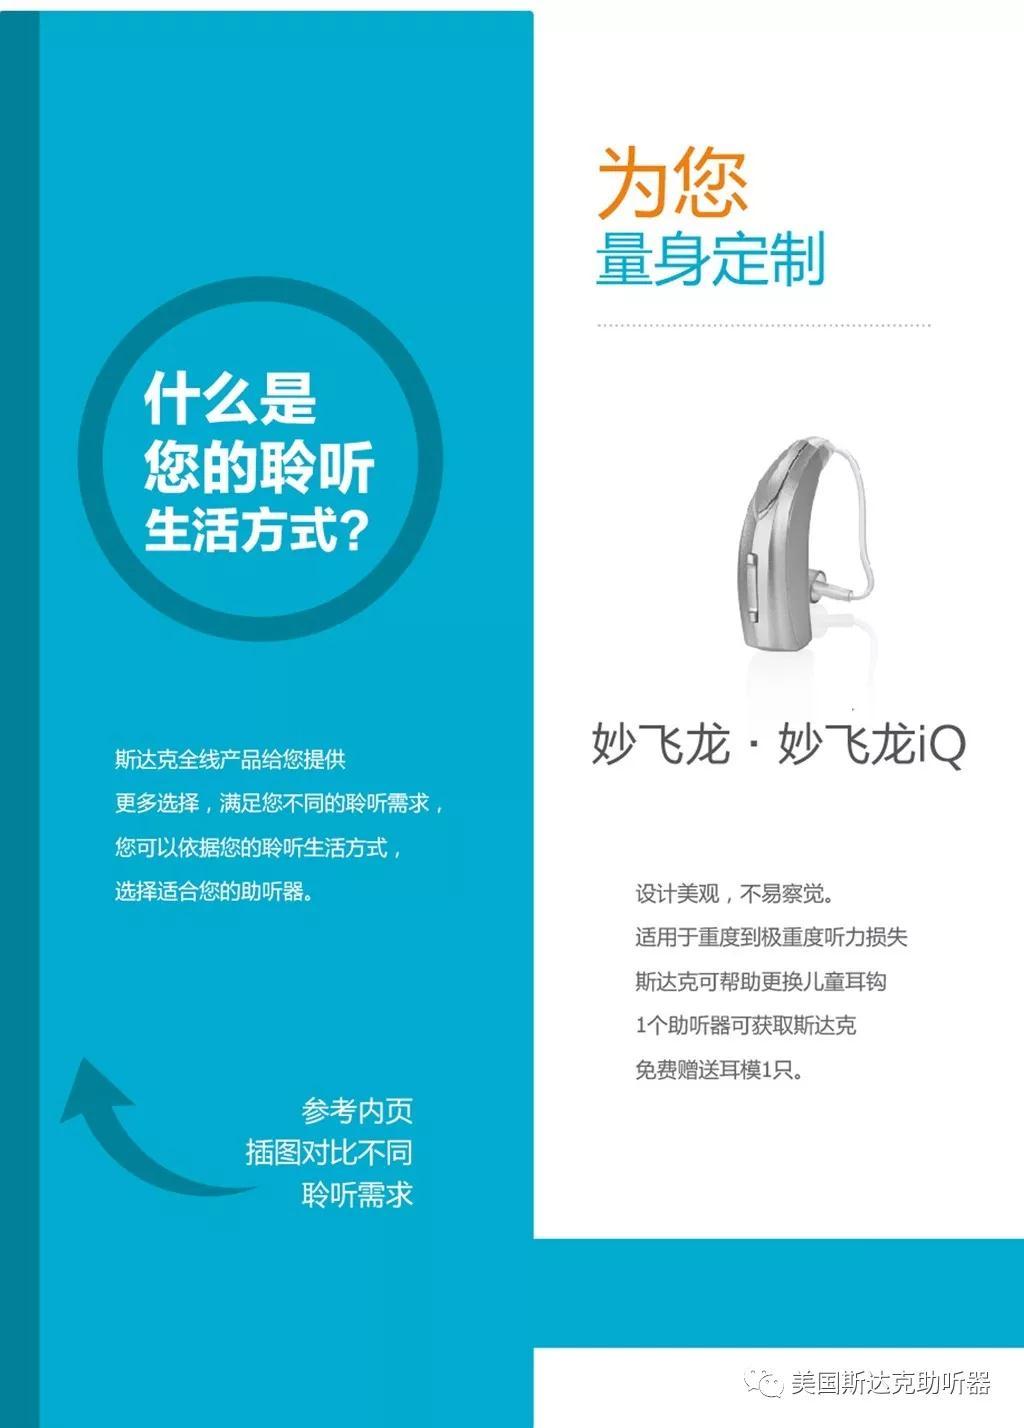 斯达克(妙飞龙.妙飞龙IQ)超大功率助听器